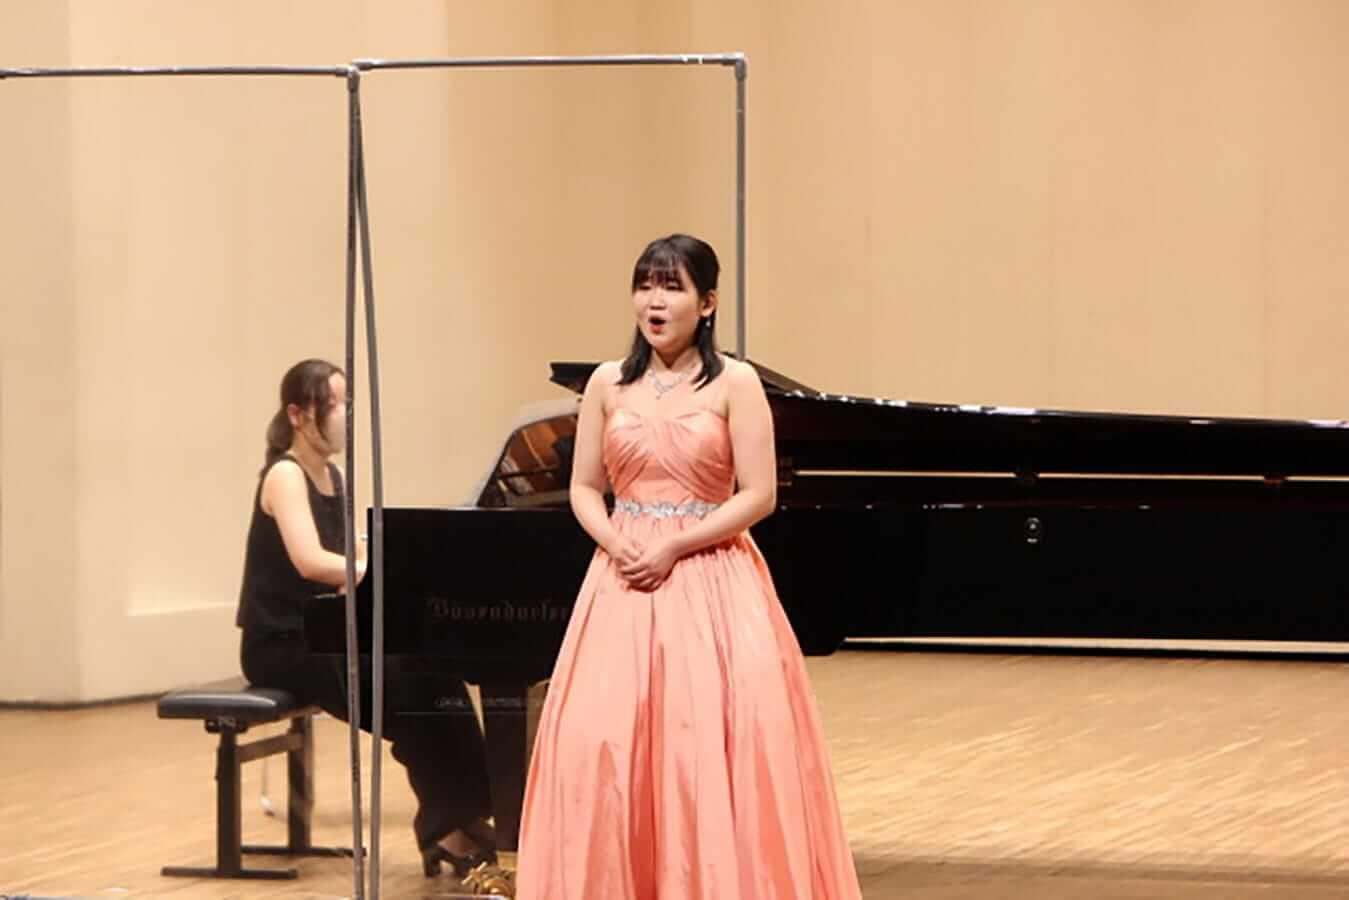 [写真]学内演奏会 ―声楽コース 1・2年次 独唱 3年次 日本歌曲―演奏風景7